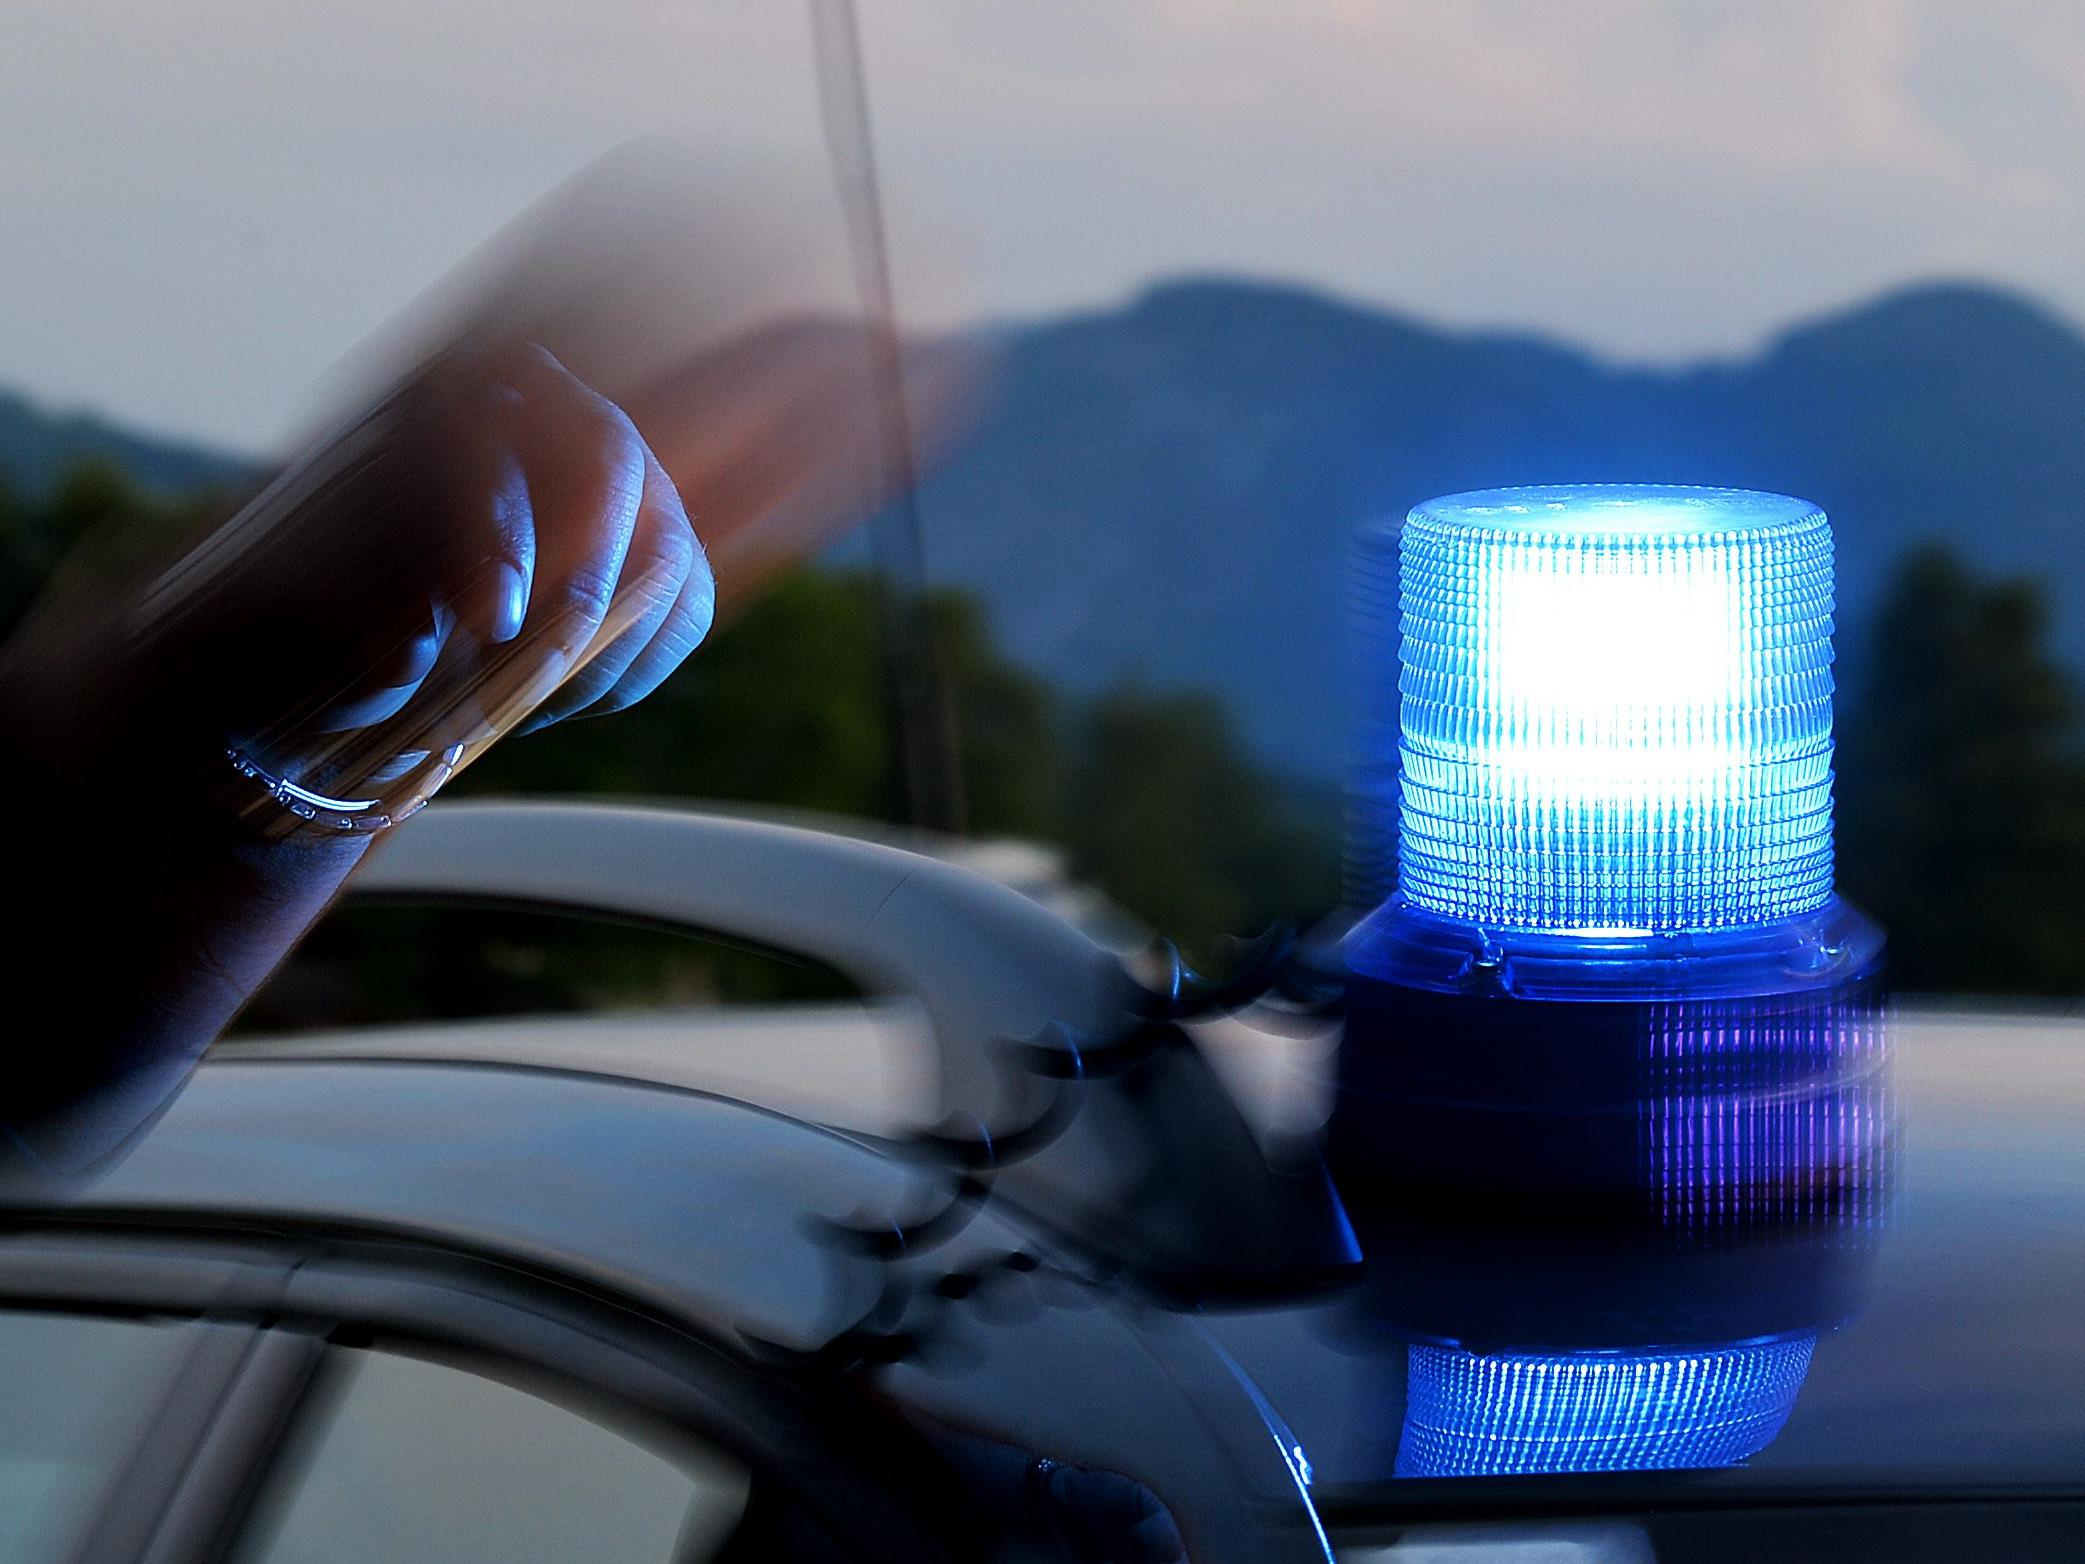 Die Polizei sucht nach einem Unfall mit Fahrerflucht nach Zeugen.